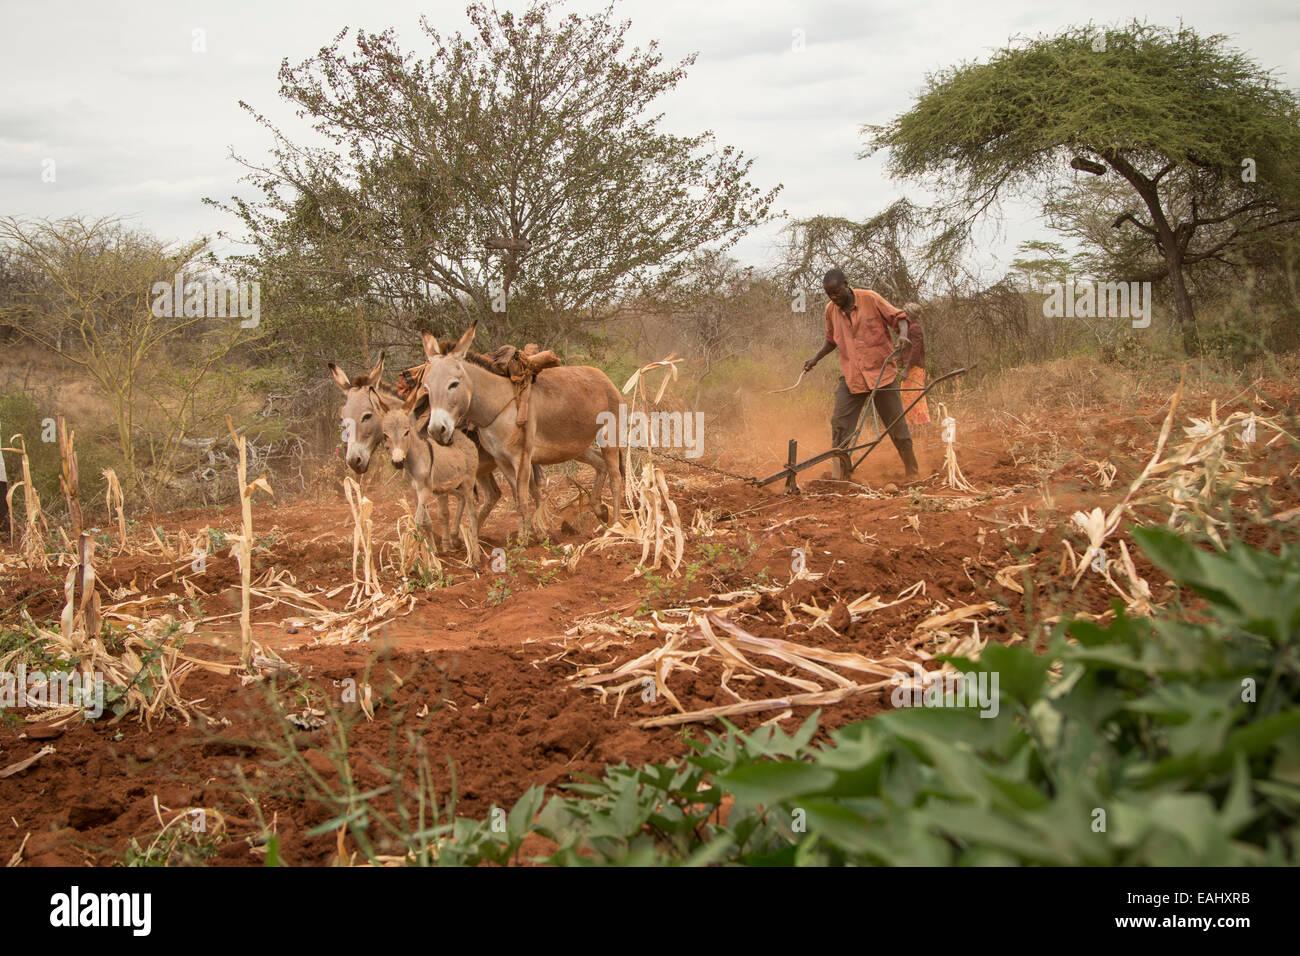 Un piccolo agricoltore utilizza gli asini per arare il suo campo nella contea Makueni, Kenya, Africa orientale. Immagini Stock